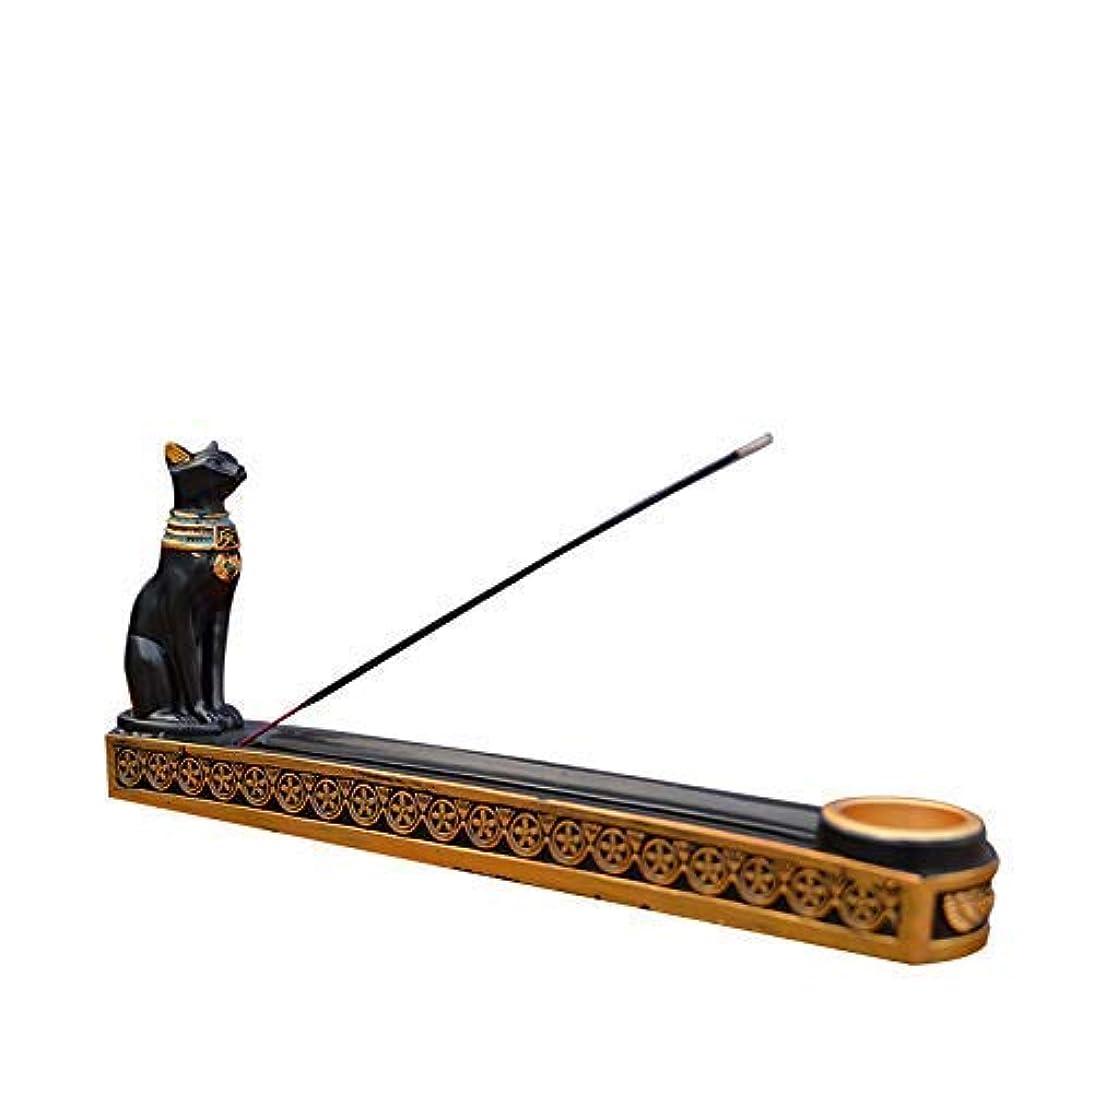 第九賄賂宴会tonntyann 横置き お香立て ボックス 猫 寝かせ スティックおしゃれ 線香立て お香 古代エジプト風 バステト神 アロマ お香 横置き ヒエログリフ ネ